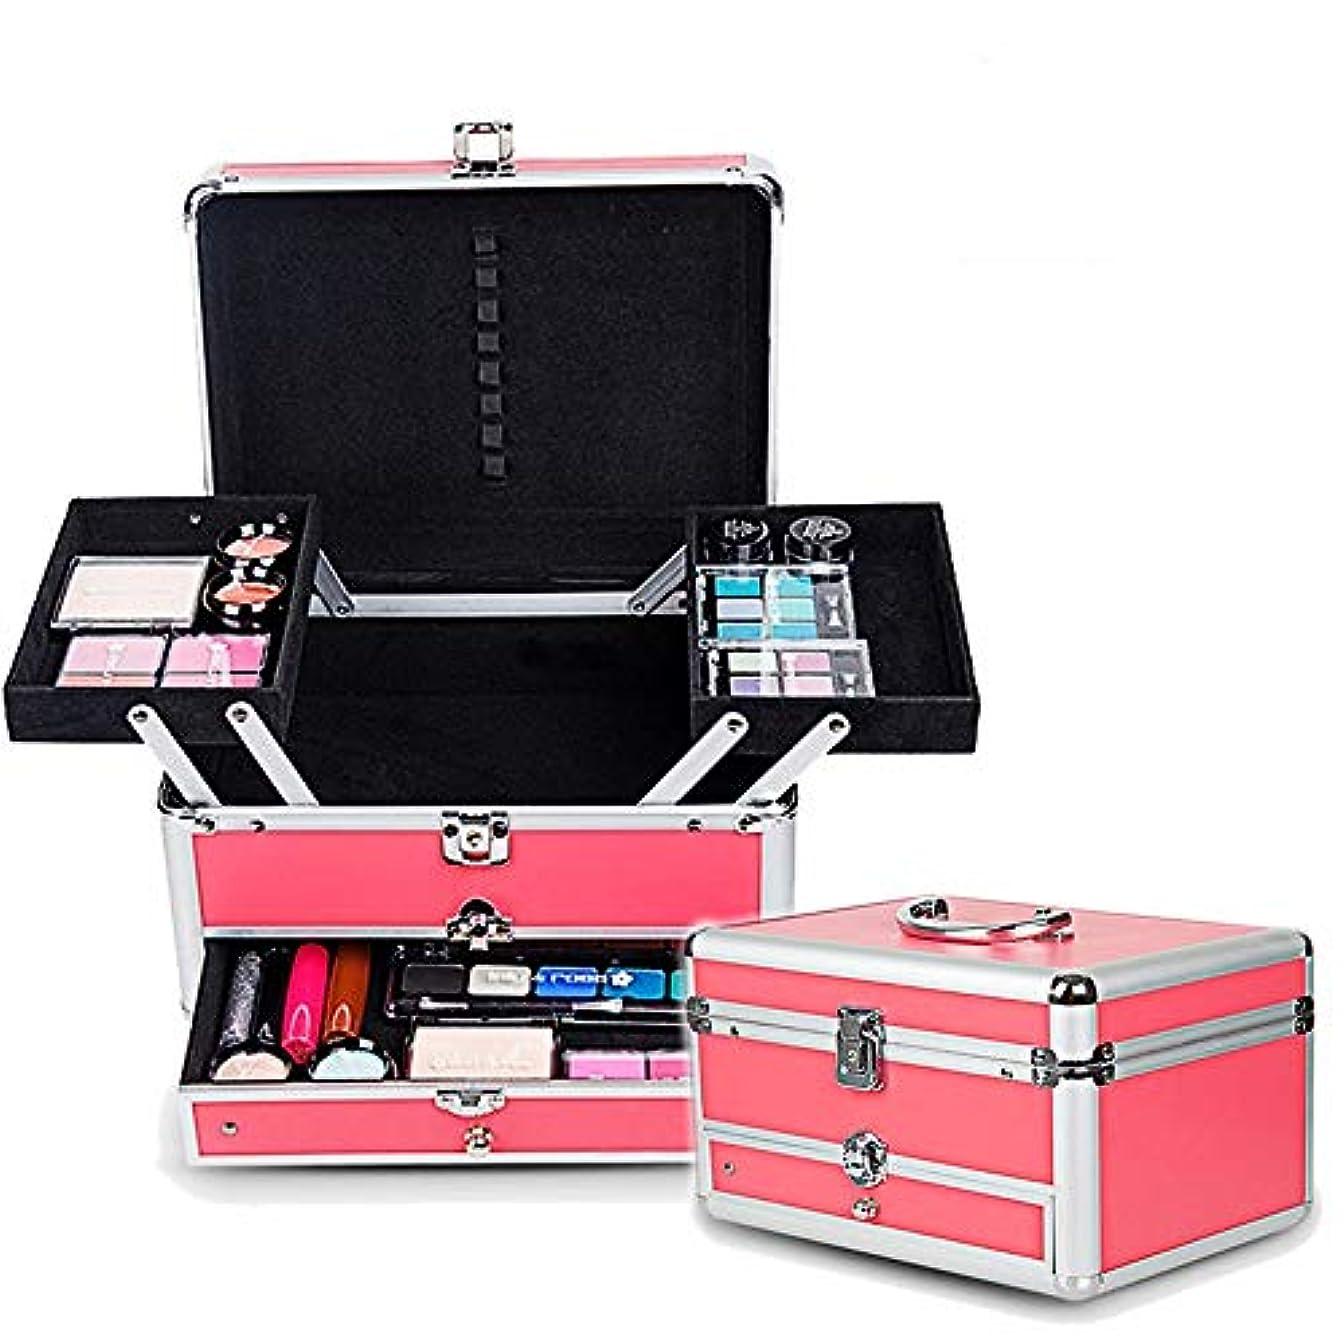 出発上変更可能特大スペース収納ビューティーボックス 女の子の女性旅行のための新しく、実用的な携帯用化粧箱およびロックおよび皿が付いている毎日の貯蔵 化粧品化粧台 (色 : ピンク)